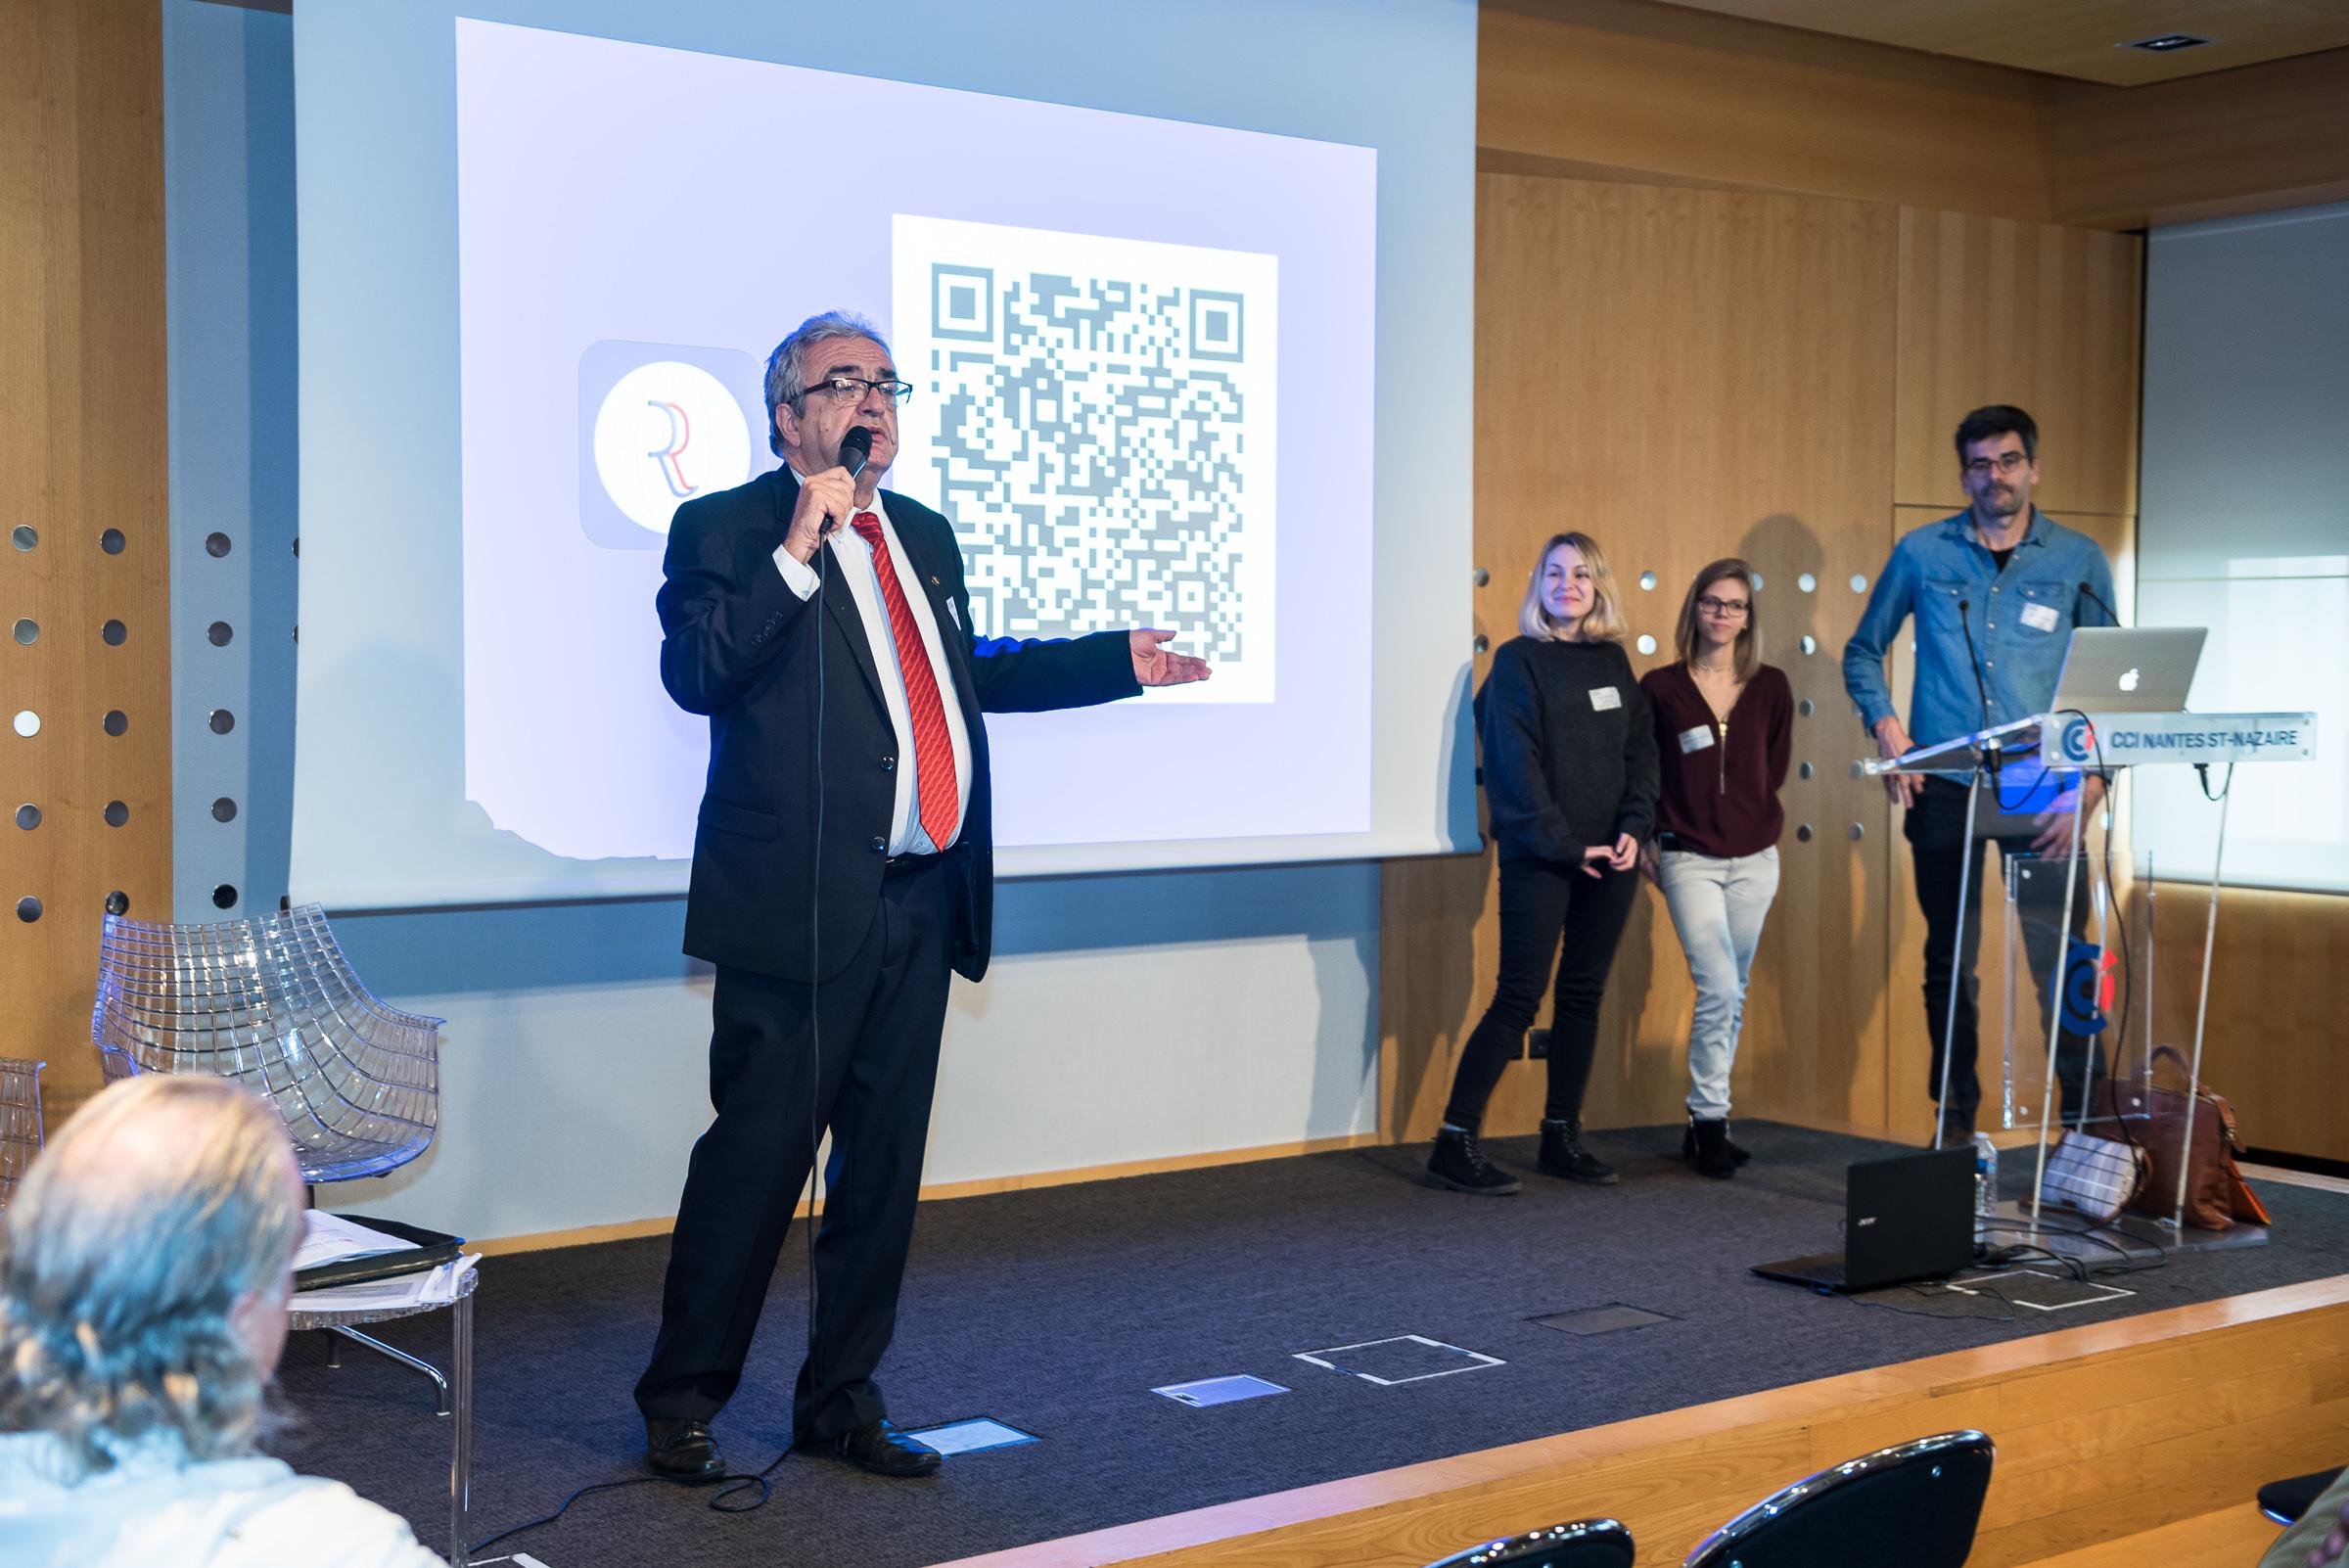 Francis Attrazic, président des MR introduit le projet de l'application présenté par Laura, Maryvéronique et Julian.